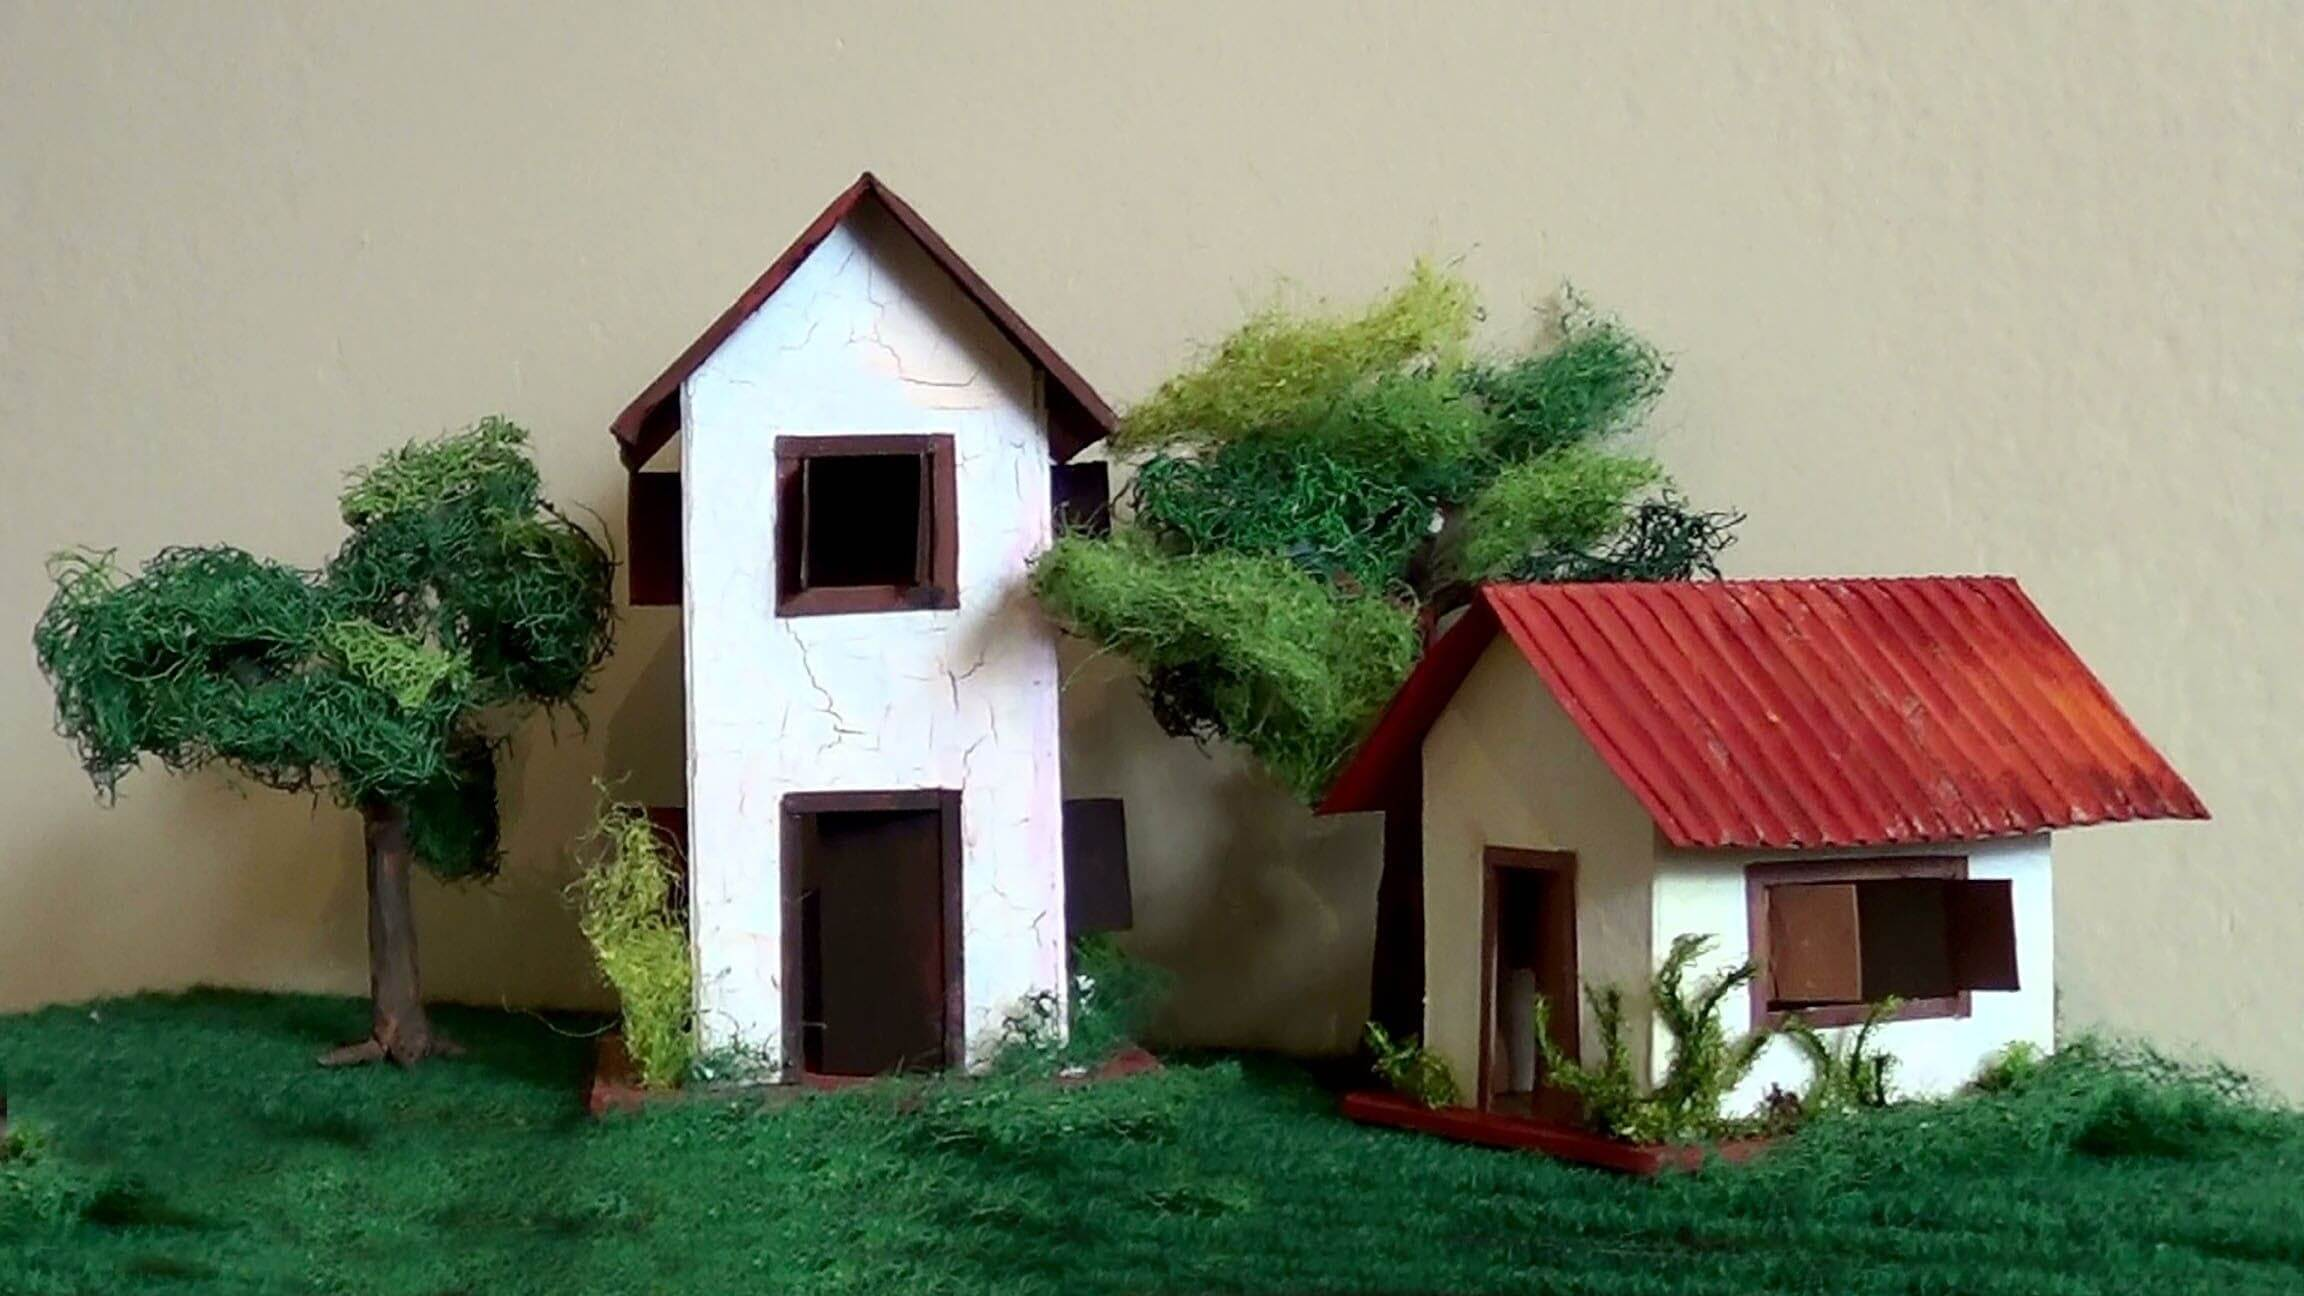 maquetes de casas para trabalho escolar